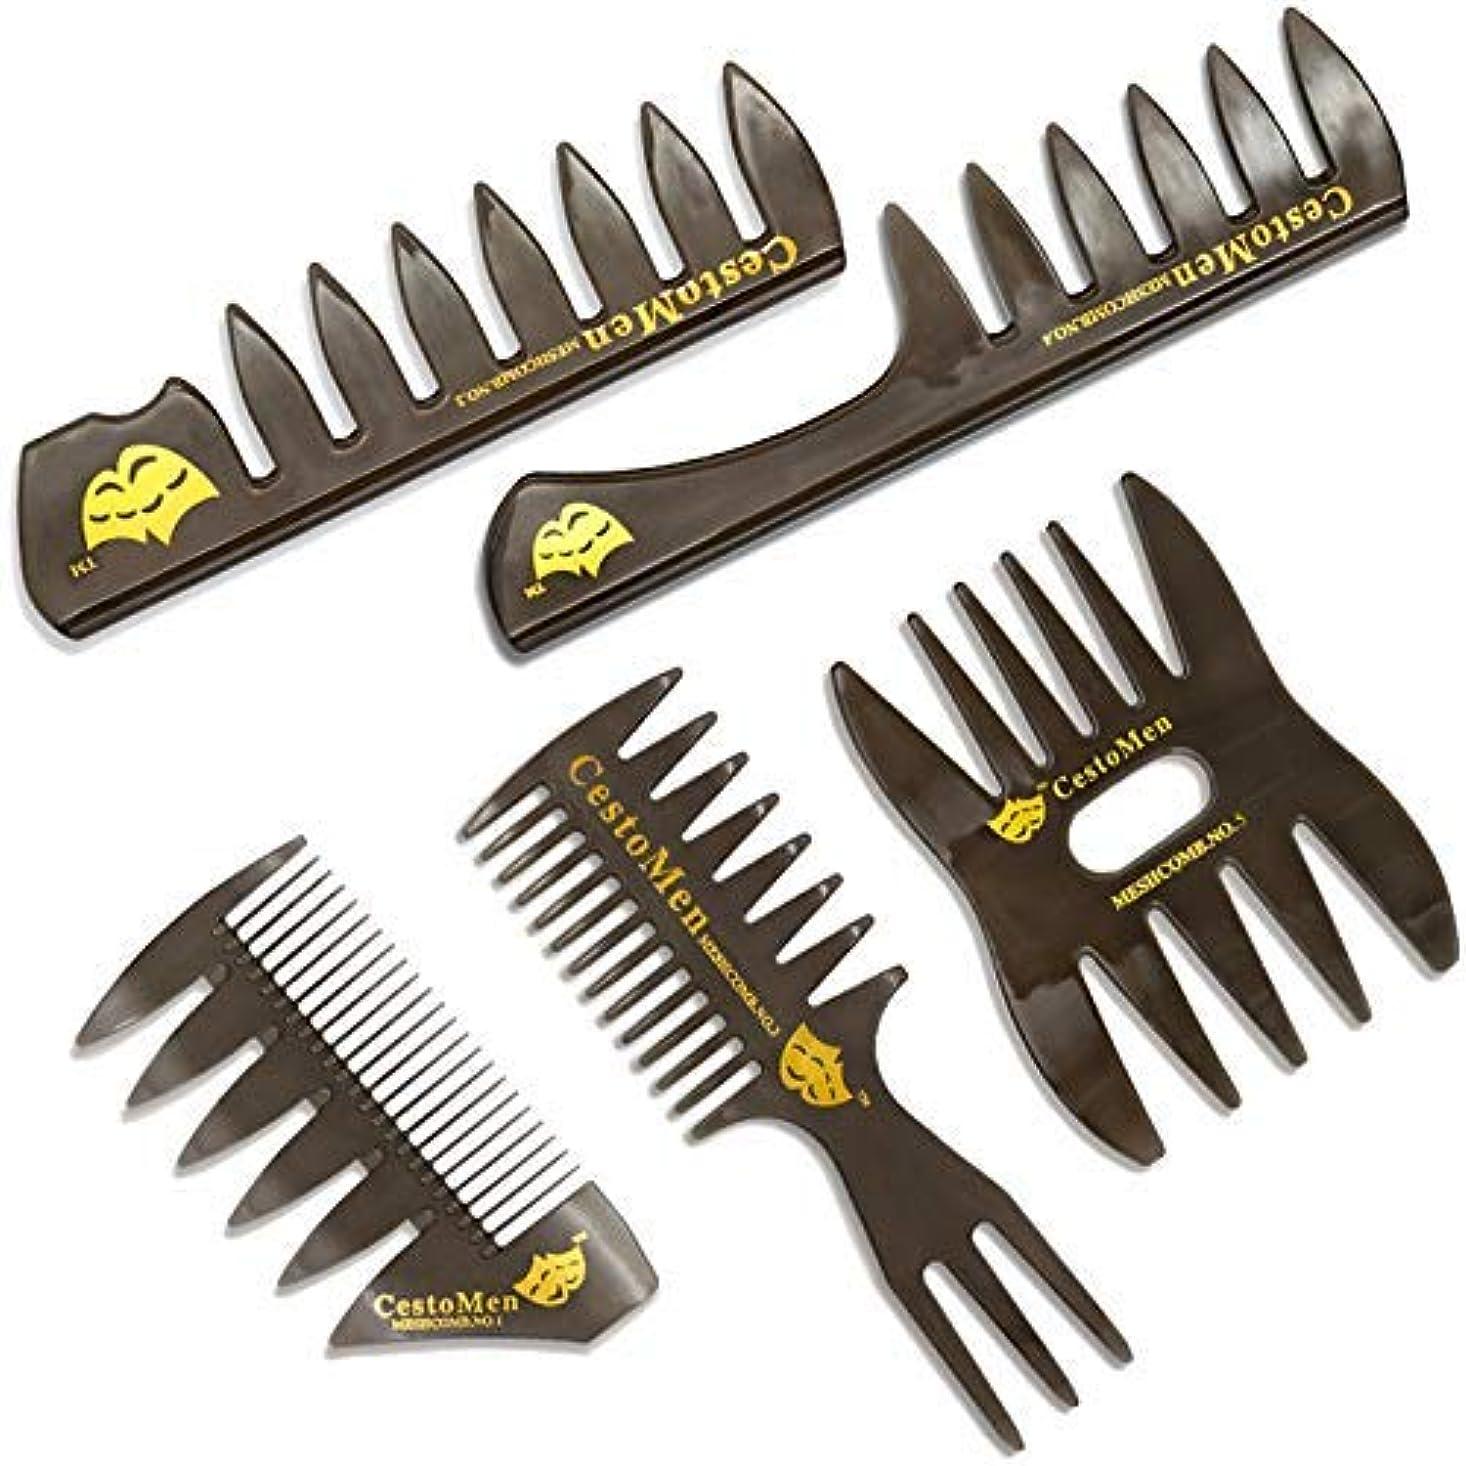 静脈はさみ棚5 PCS Hair Comb Styling Set Barber Hairstylist Accessories - Professional Shaping & Teasing Wet Combs Tools, Anti...